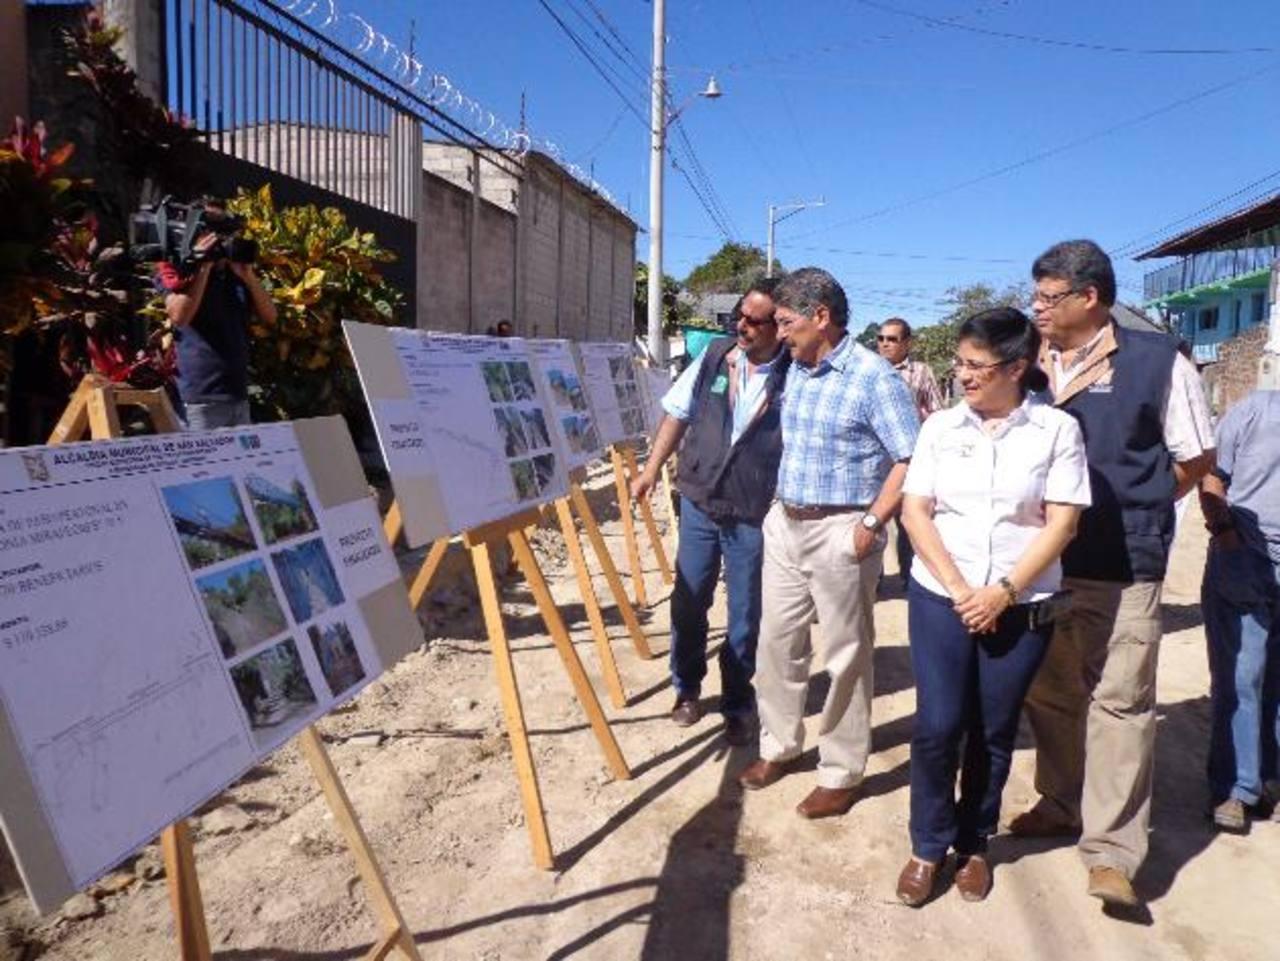 La alcaldía se encuentra mejorando las condiciones de vida de la comunidad La Constancia, y tiene otros proyectos para el mercado Modelo. Foto edh / cortesía